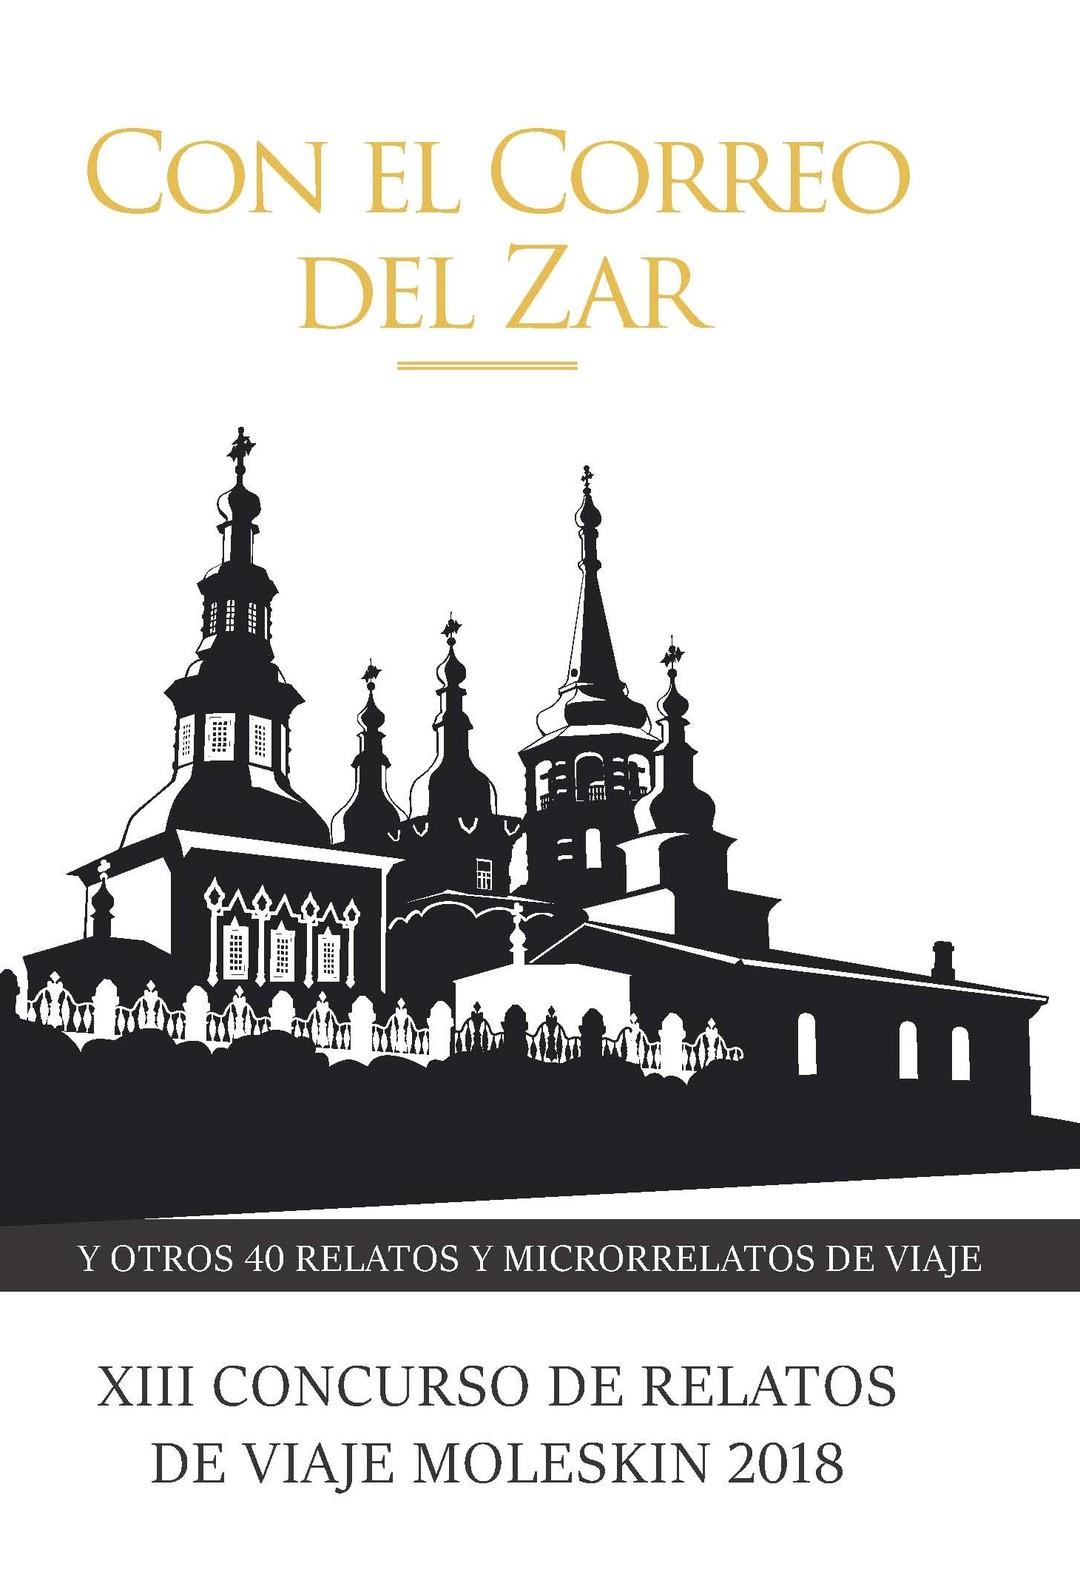 Page 1 of Con El correo del zar y otros 54 relatos y microrrelatos de viaje